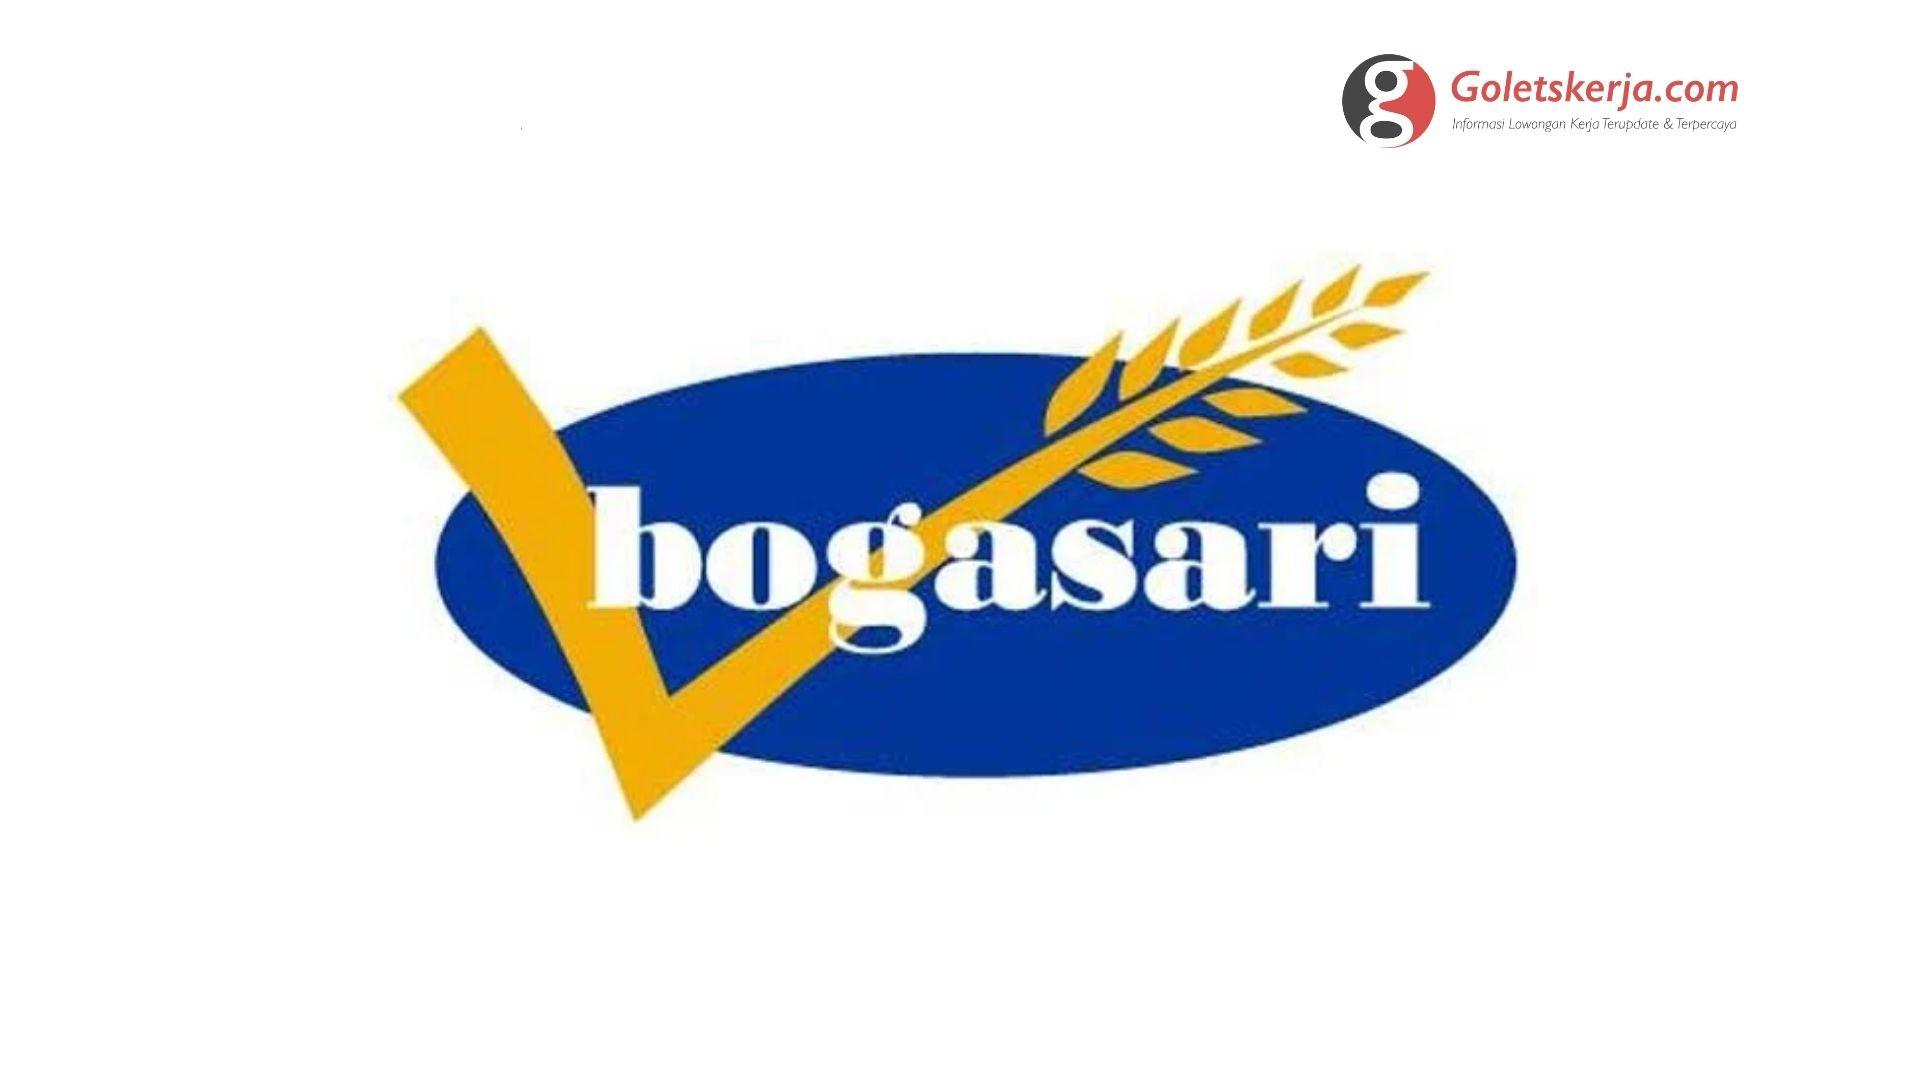 Lowongan Kerja PT Indofood Sukses Makmur Tbk (Divisi Bogasari Flour Mills)